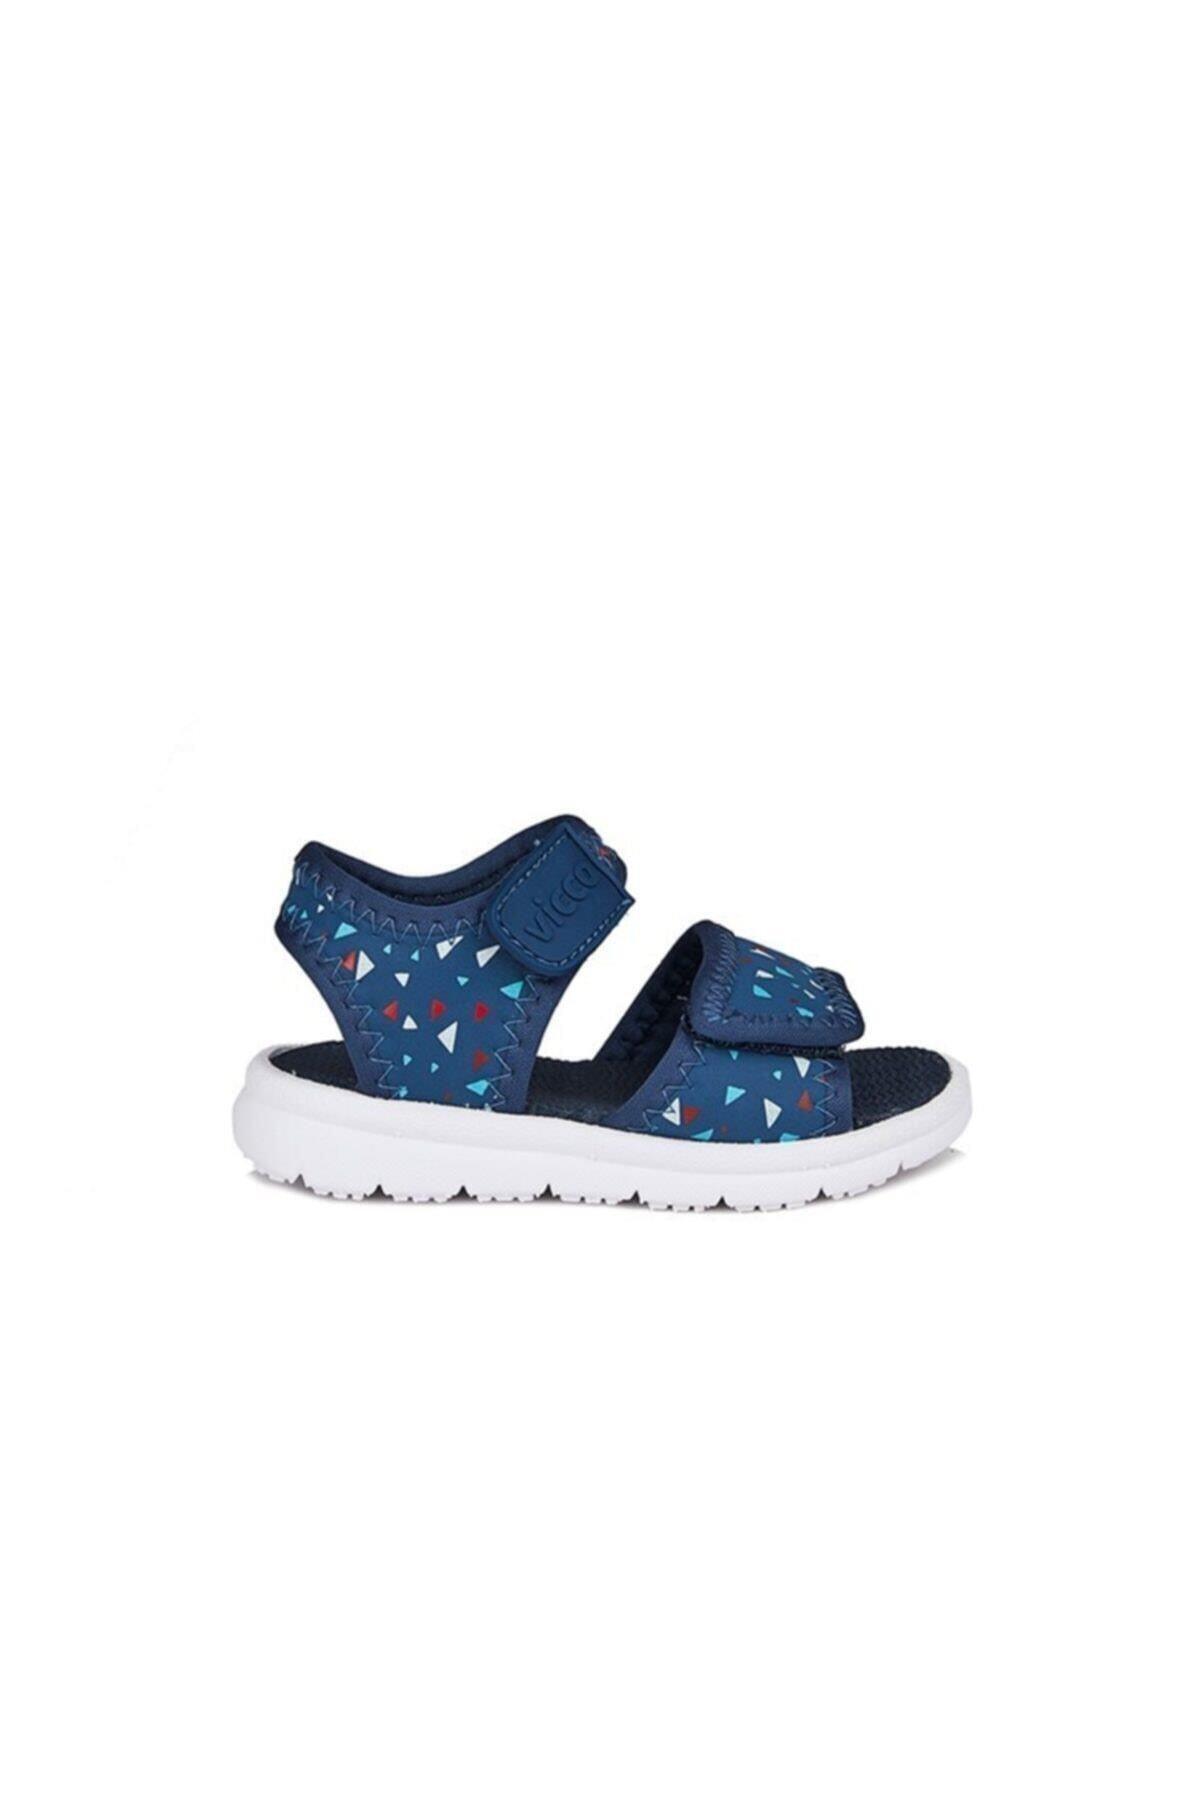 Vicco Limbo Sandalet Lacivert 2